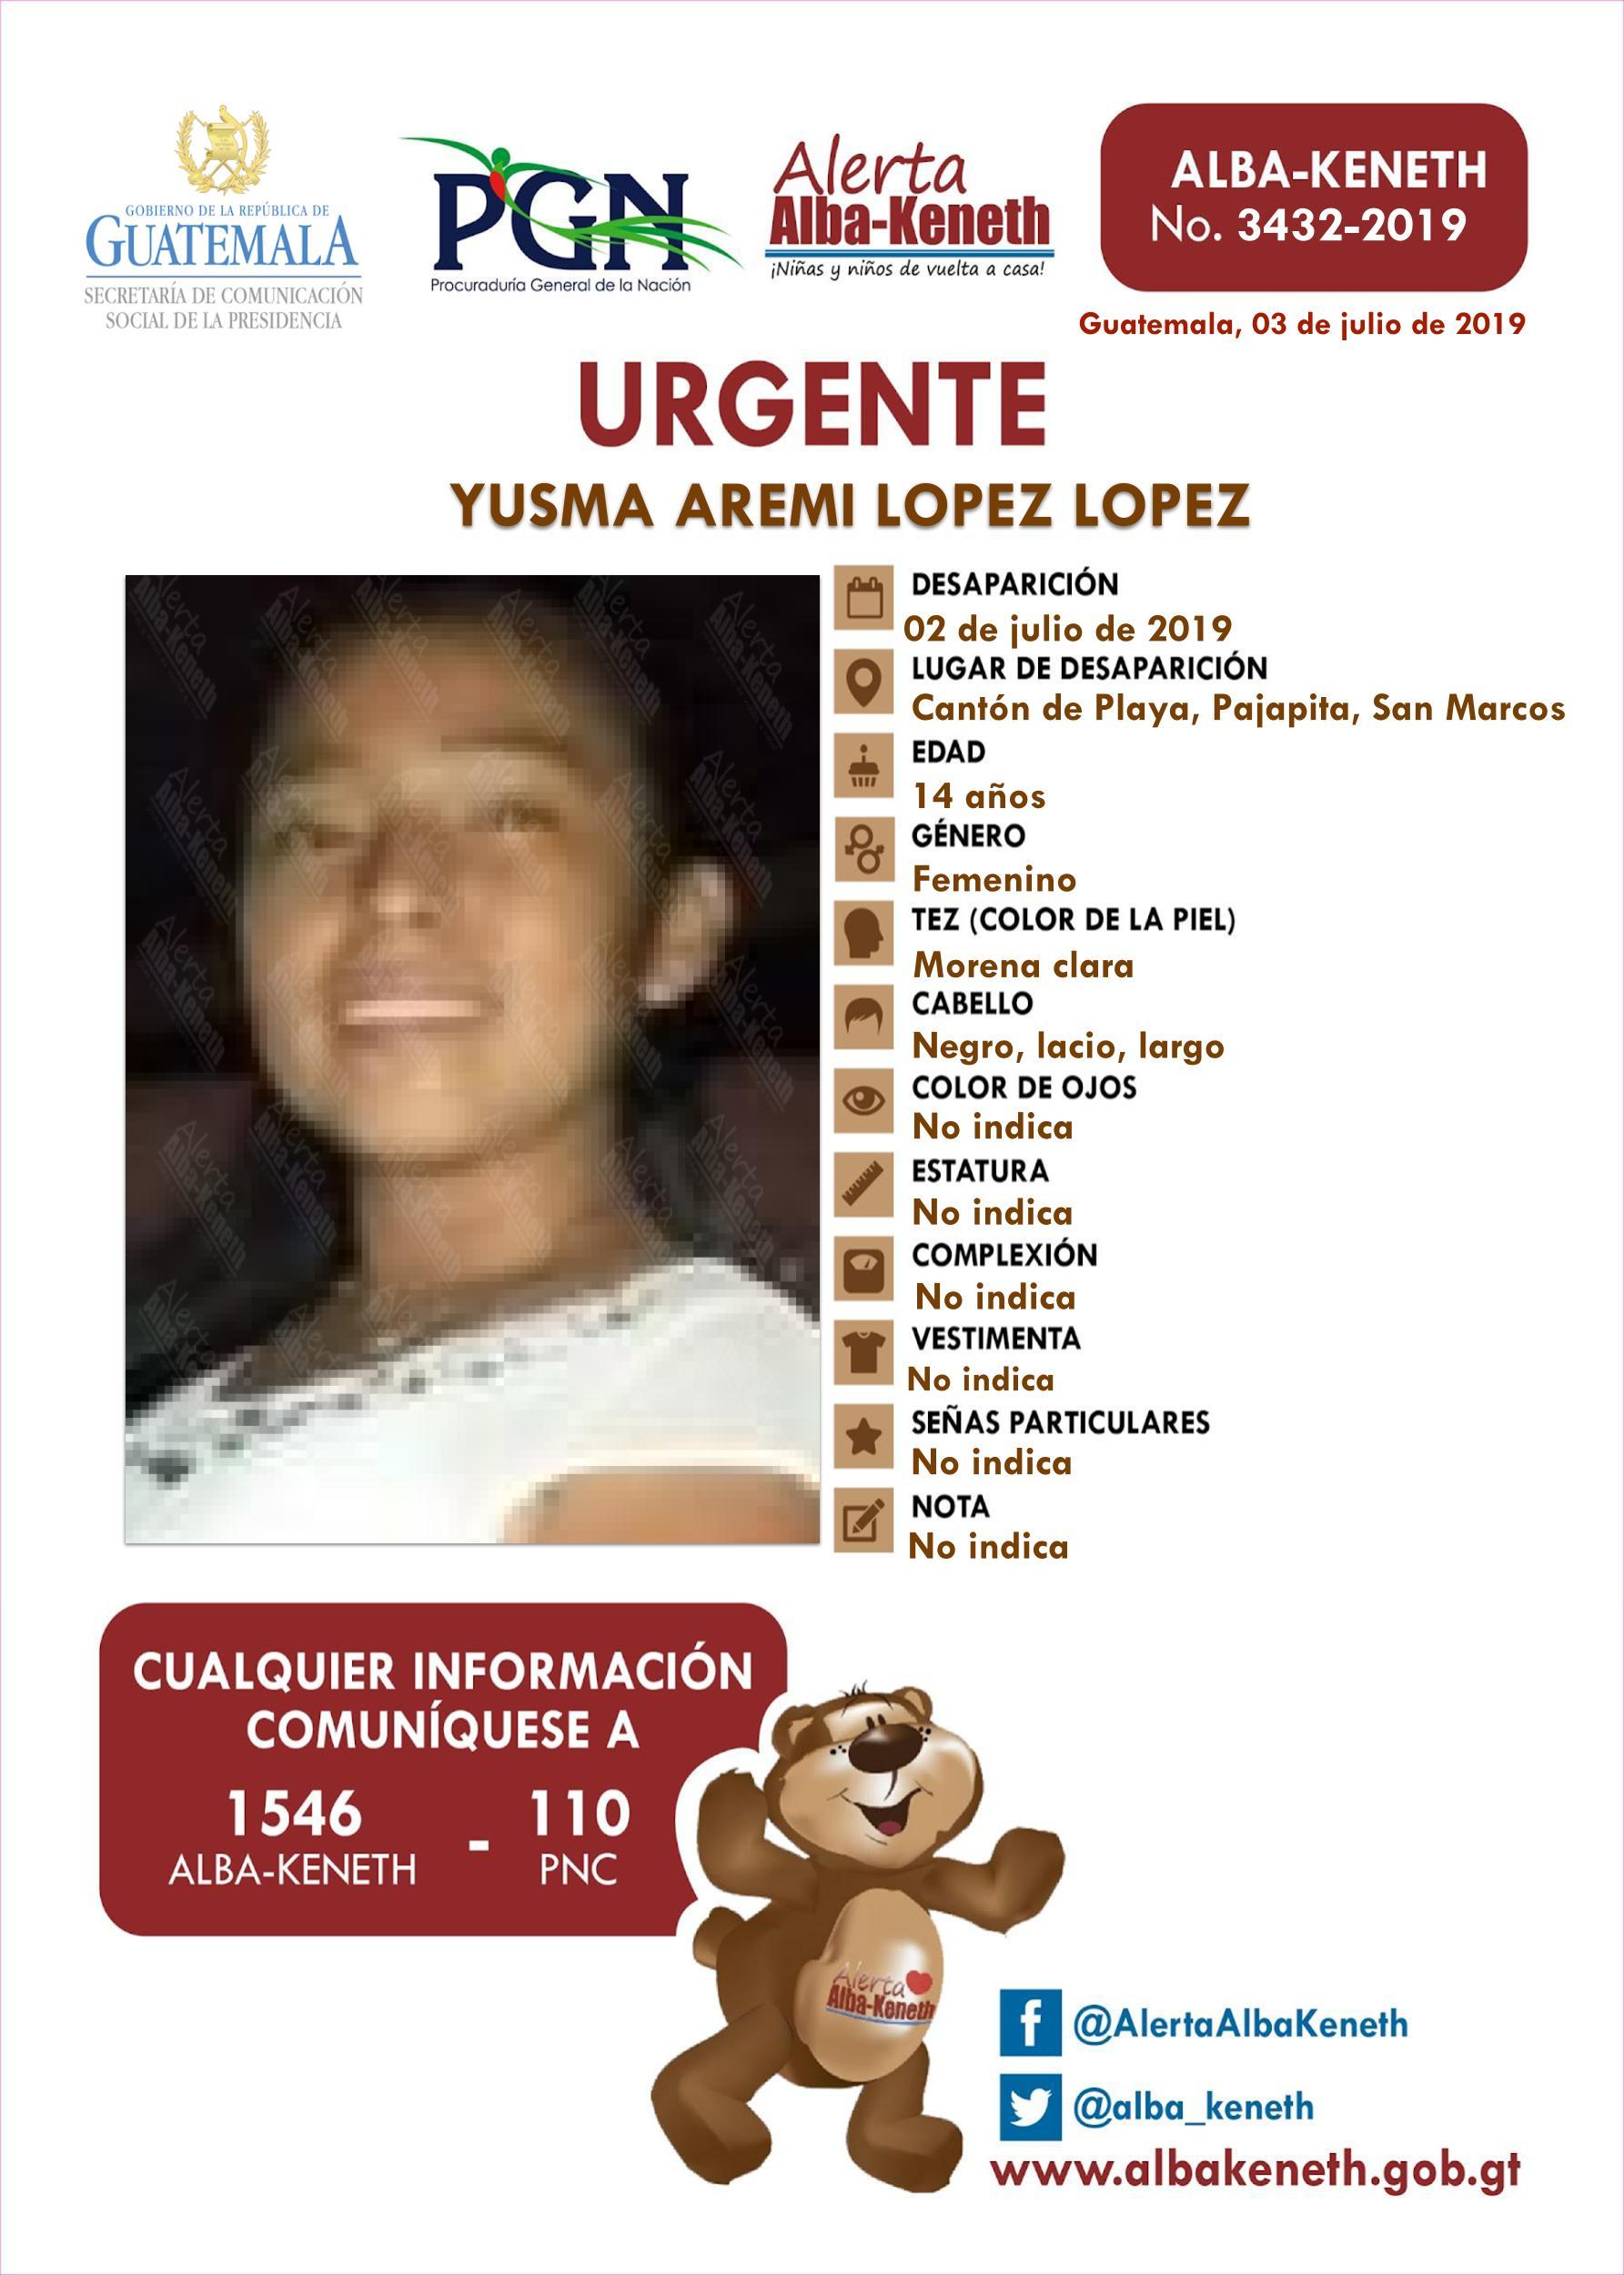 Yusma Aremi Lopez Lopez